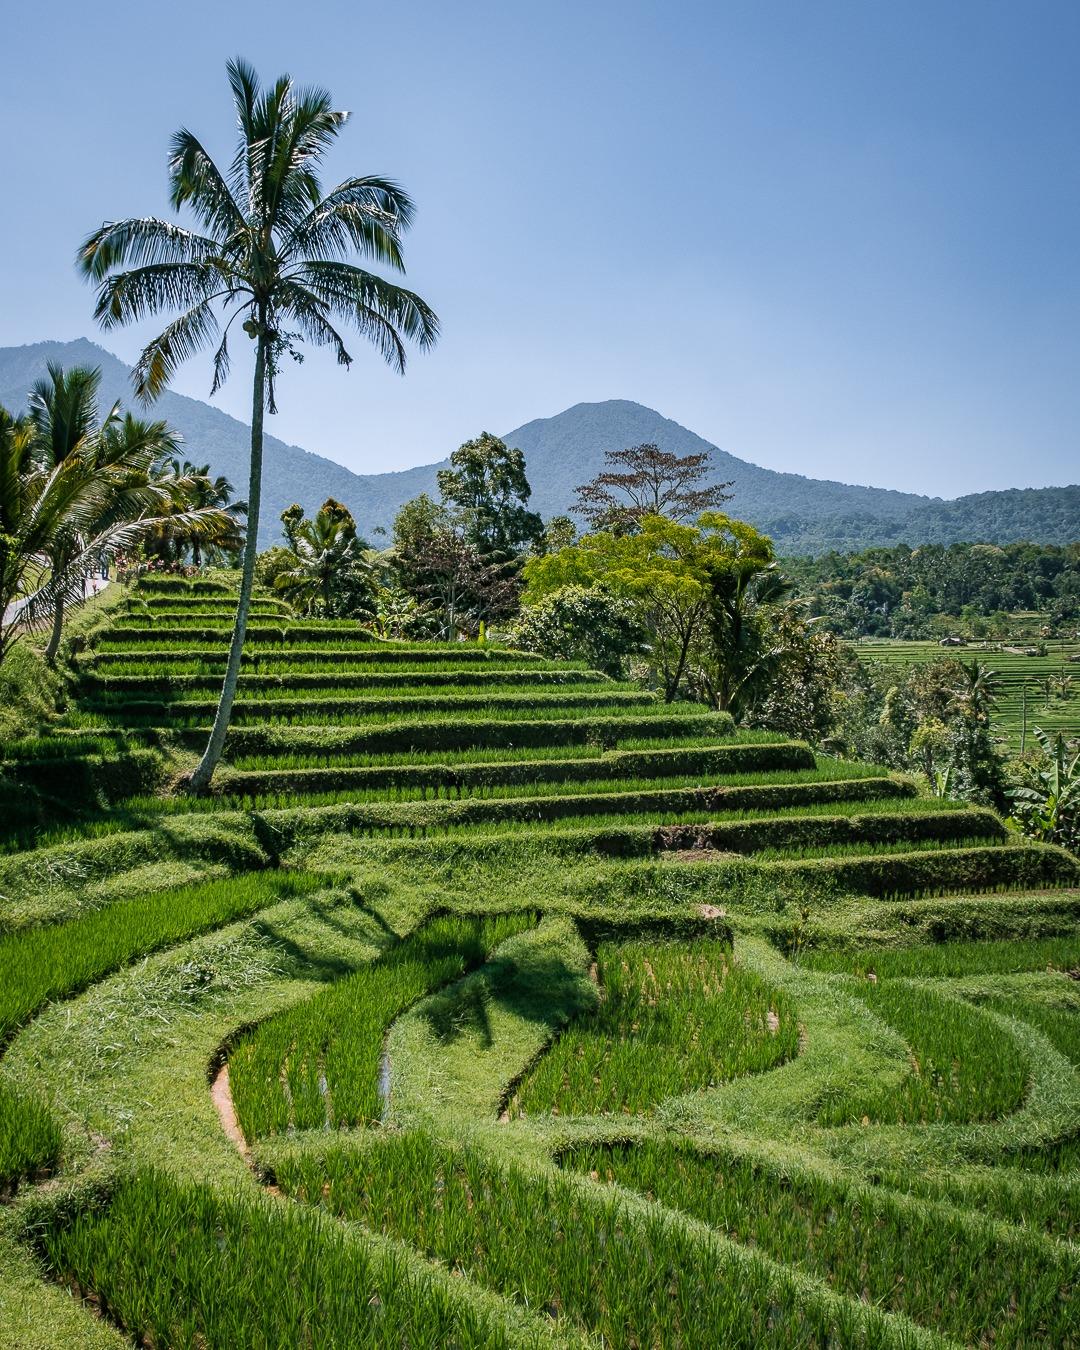 Les rizières de Jatiluwih à Bali sont inscrites au patrimoine mondial de l'Unesco